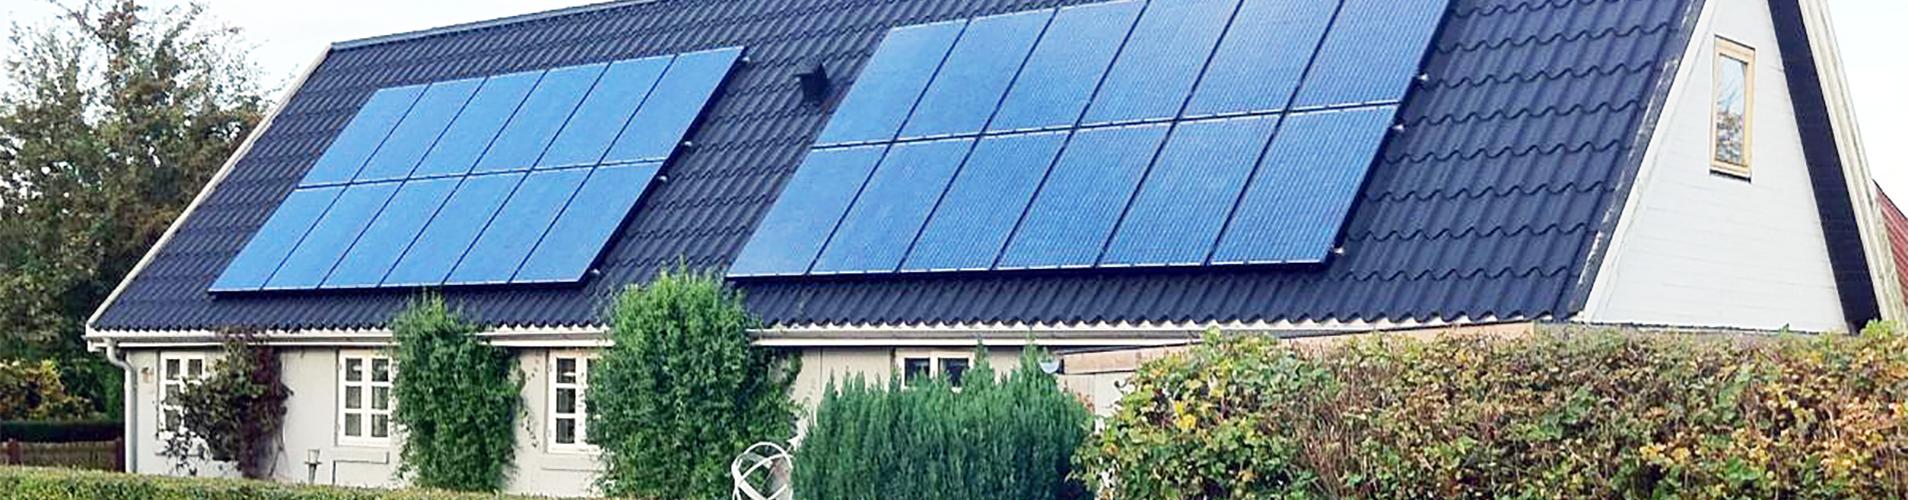 hvad koster solceller